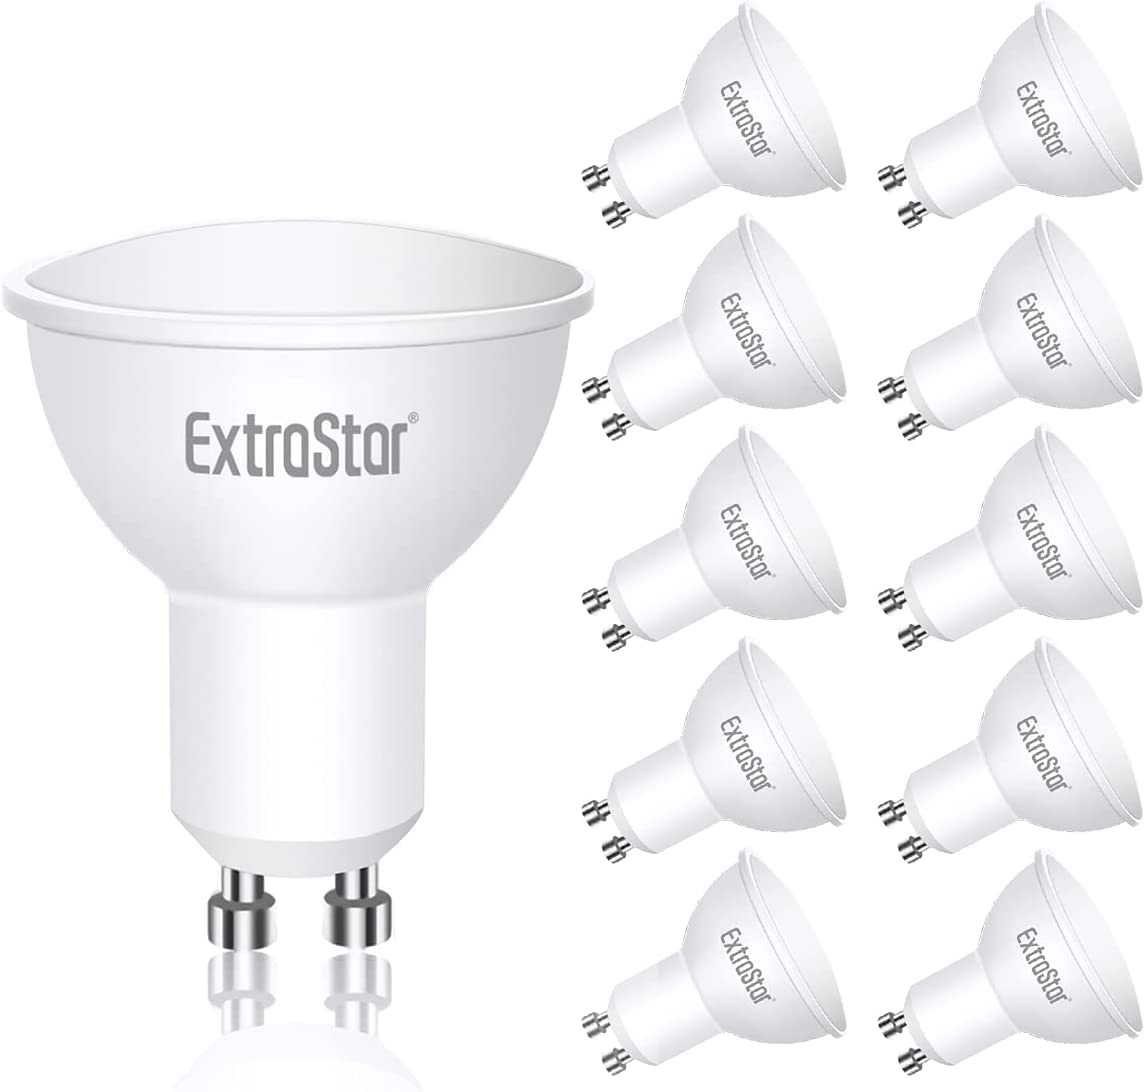 EXTRASTAR Bombillas LED GU10 5W, 400 Lúmen, Luz Frío 6500K, Equivalente a 40 W Halógena, No regulable, Paquete de 10